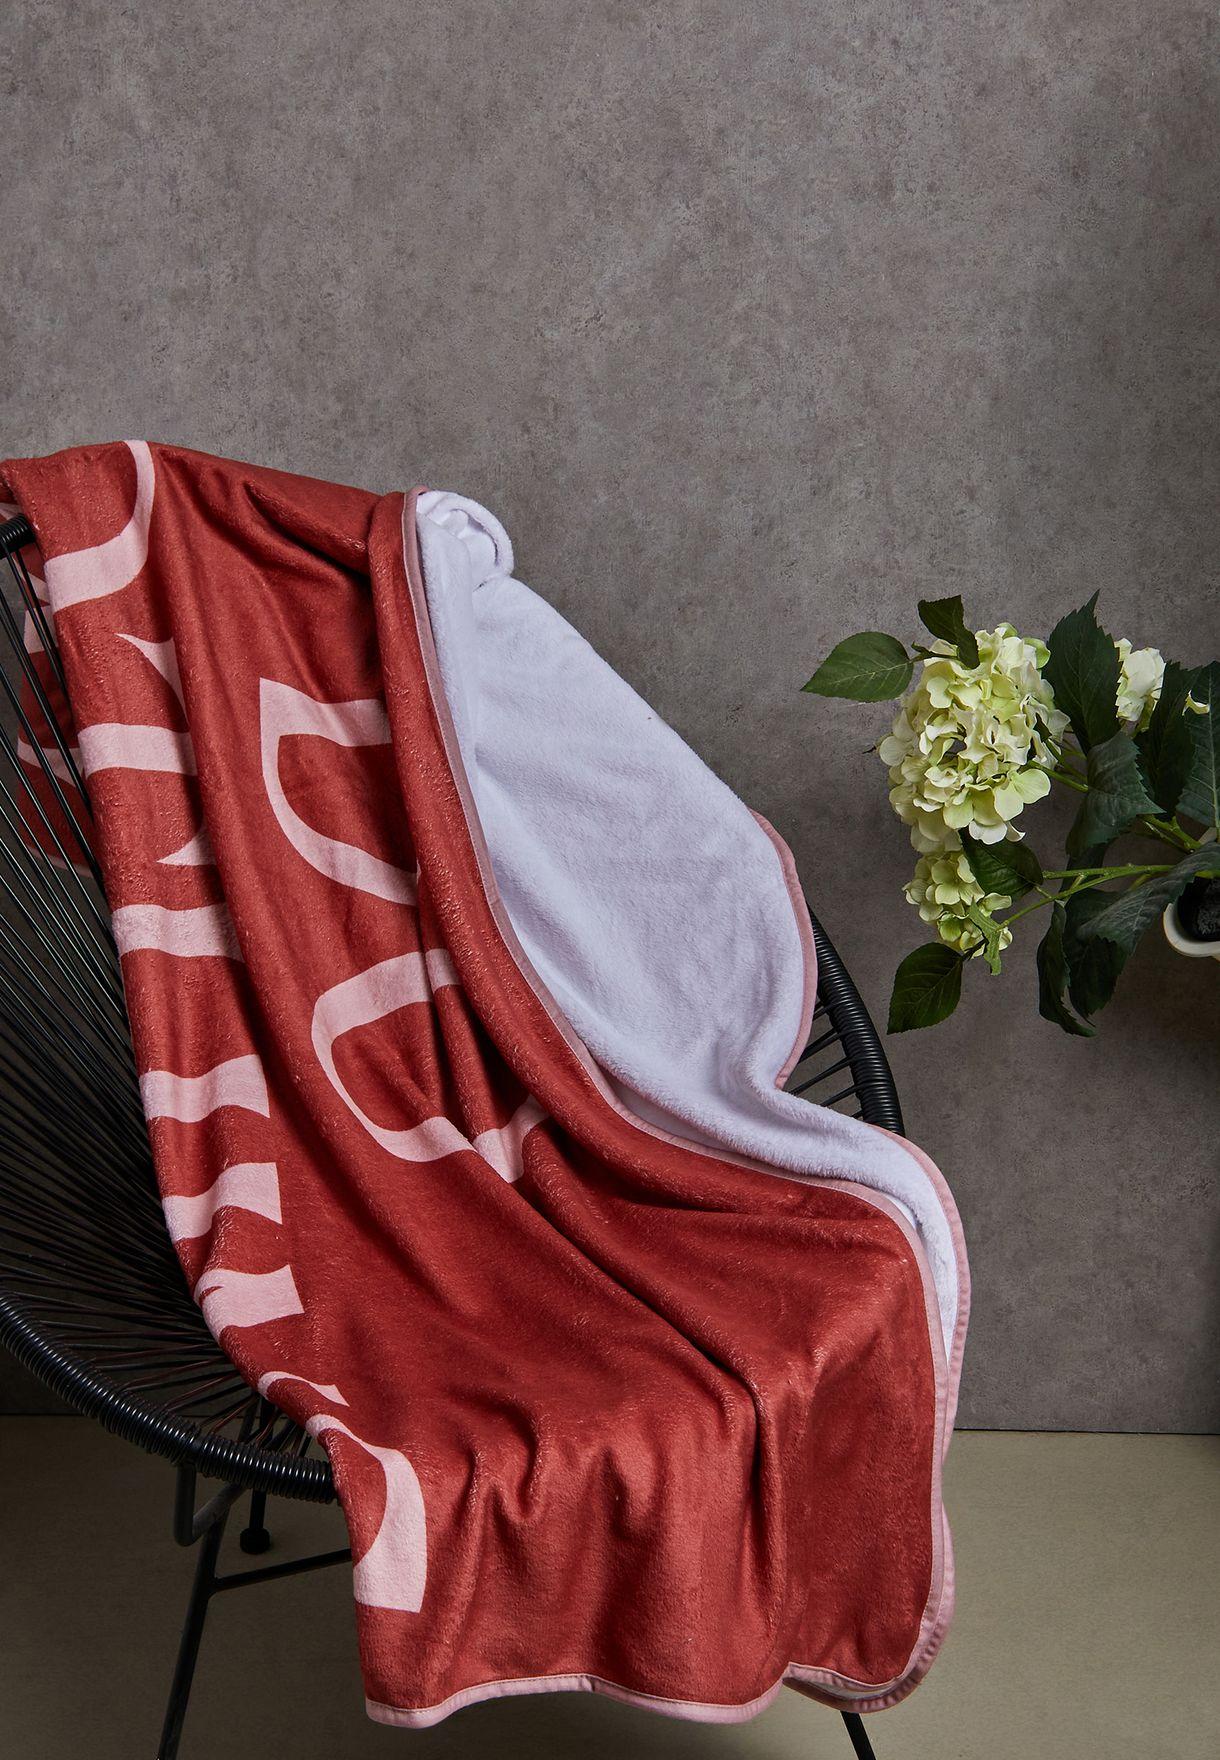 وسادة قابلة للتحويل إلى غطاء